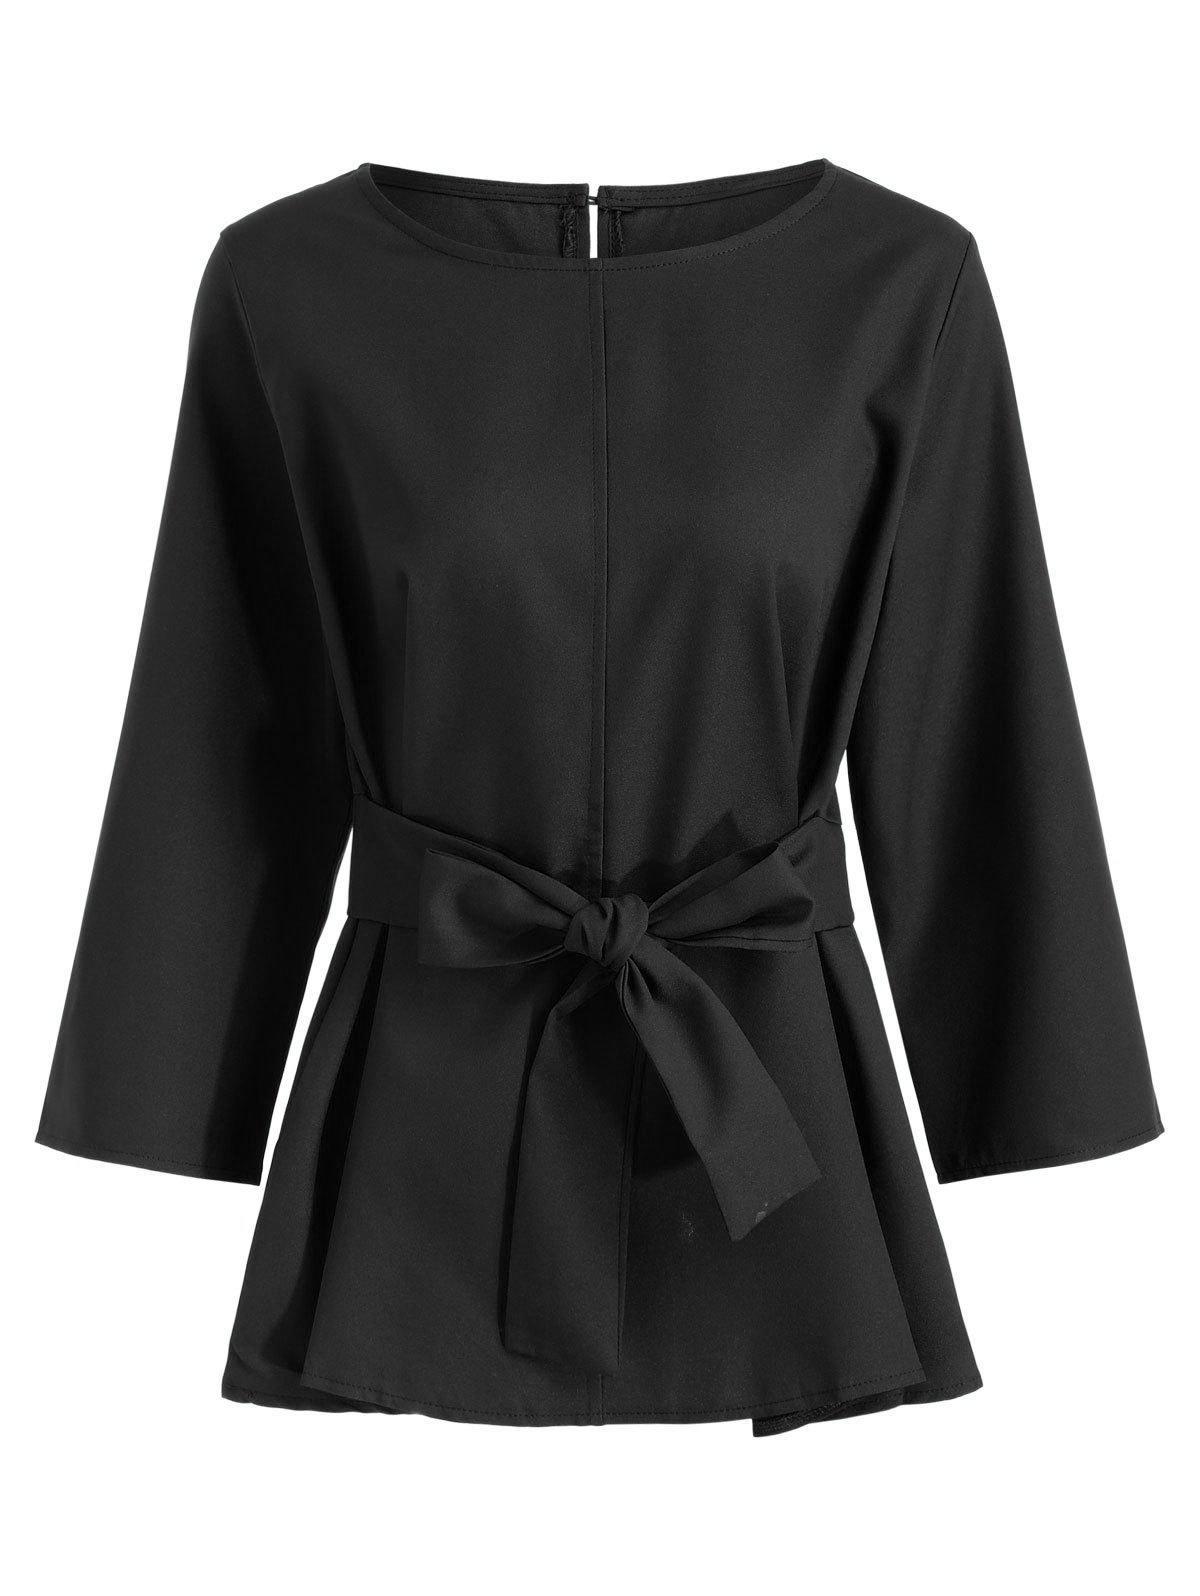 Plus Size Self Grtel Dressy Bluse